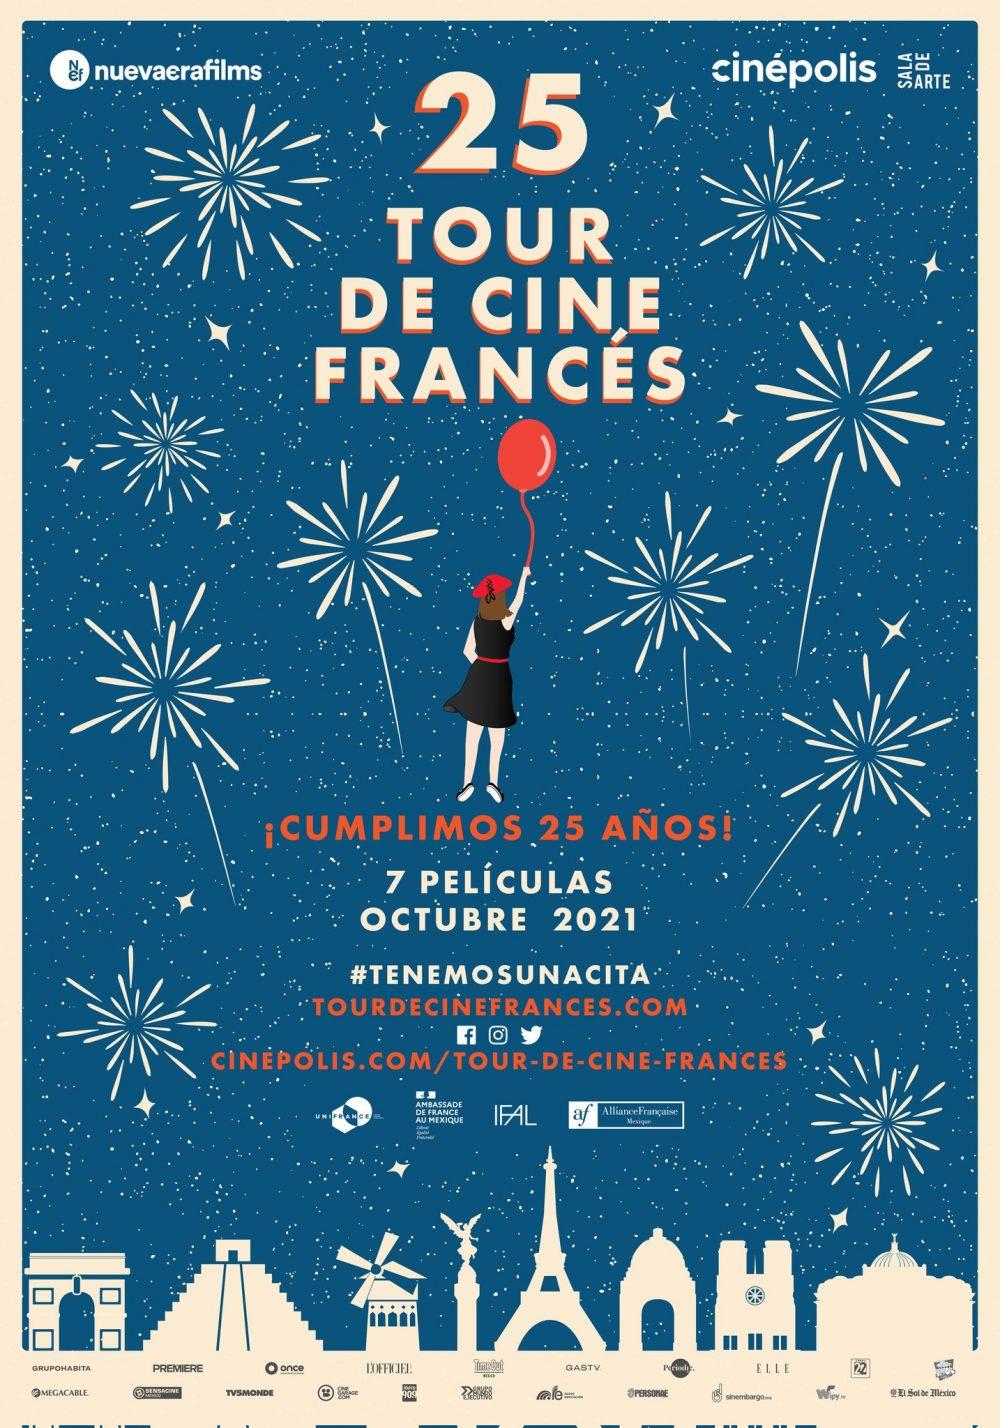 Inicia 25 Tour de Cine Francés, referente cultural de los poblanos